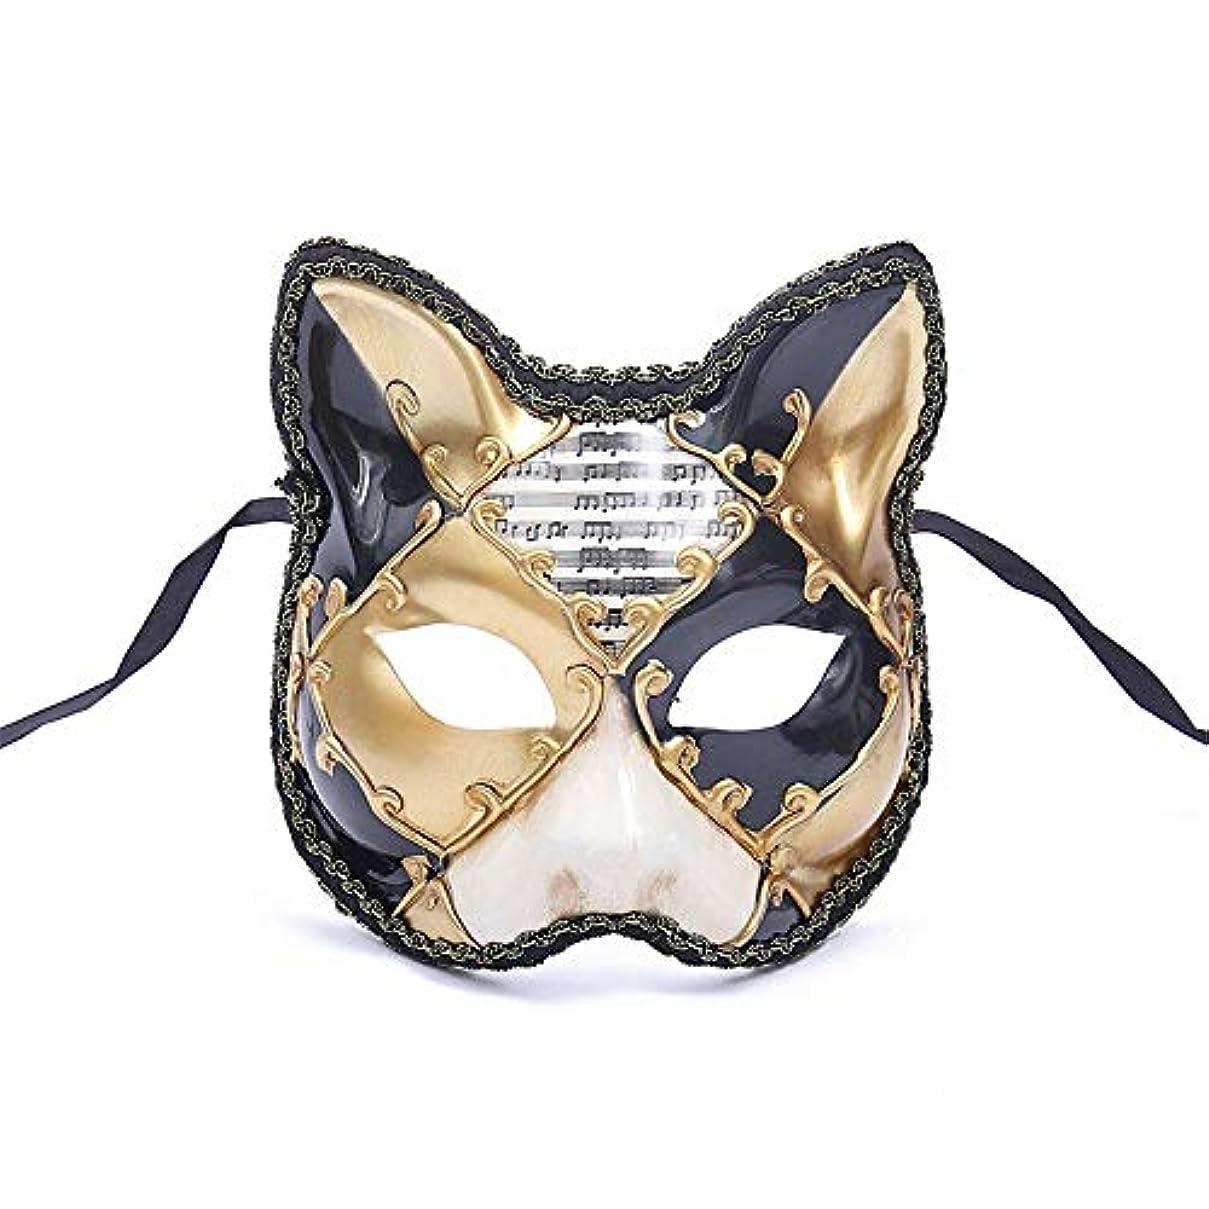 主に娯楽スペースダンスマスク 大きな猫アンティーク動物レトロコスプレハロウィーン仮装マスクナイトクラブマスク雰囲気フェスティバルマスク ホリデーパーティー用品 (色 : 黄, サイズ : 17.5x16cm)